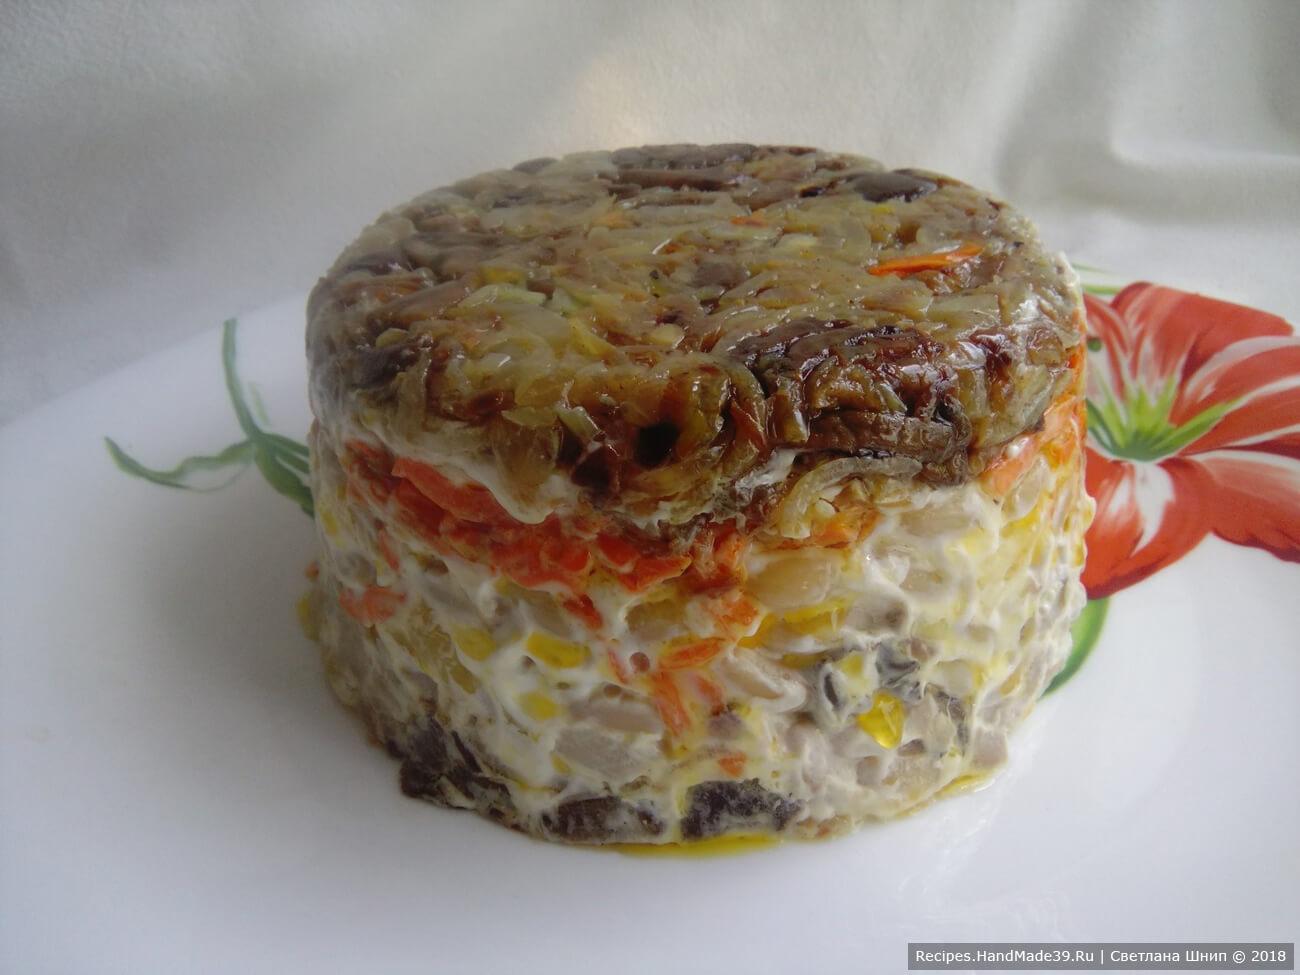 Через час салат перевернуть в форме, аккуратно снять форму. Получился кулич